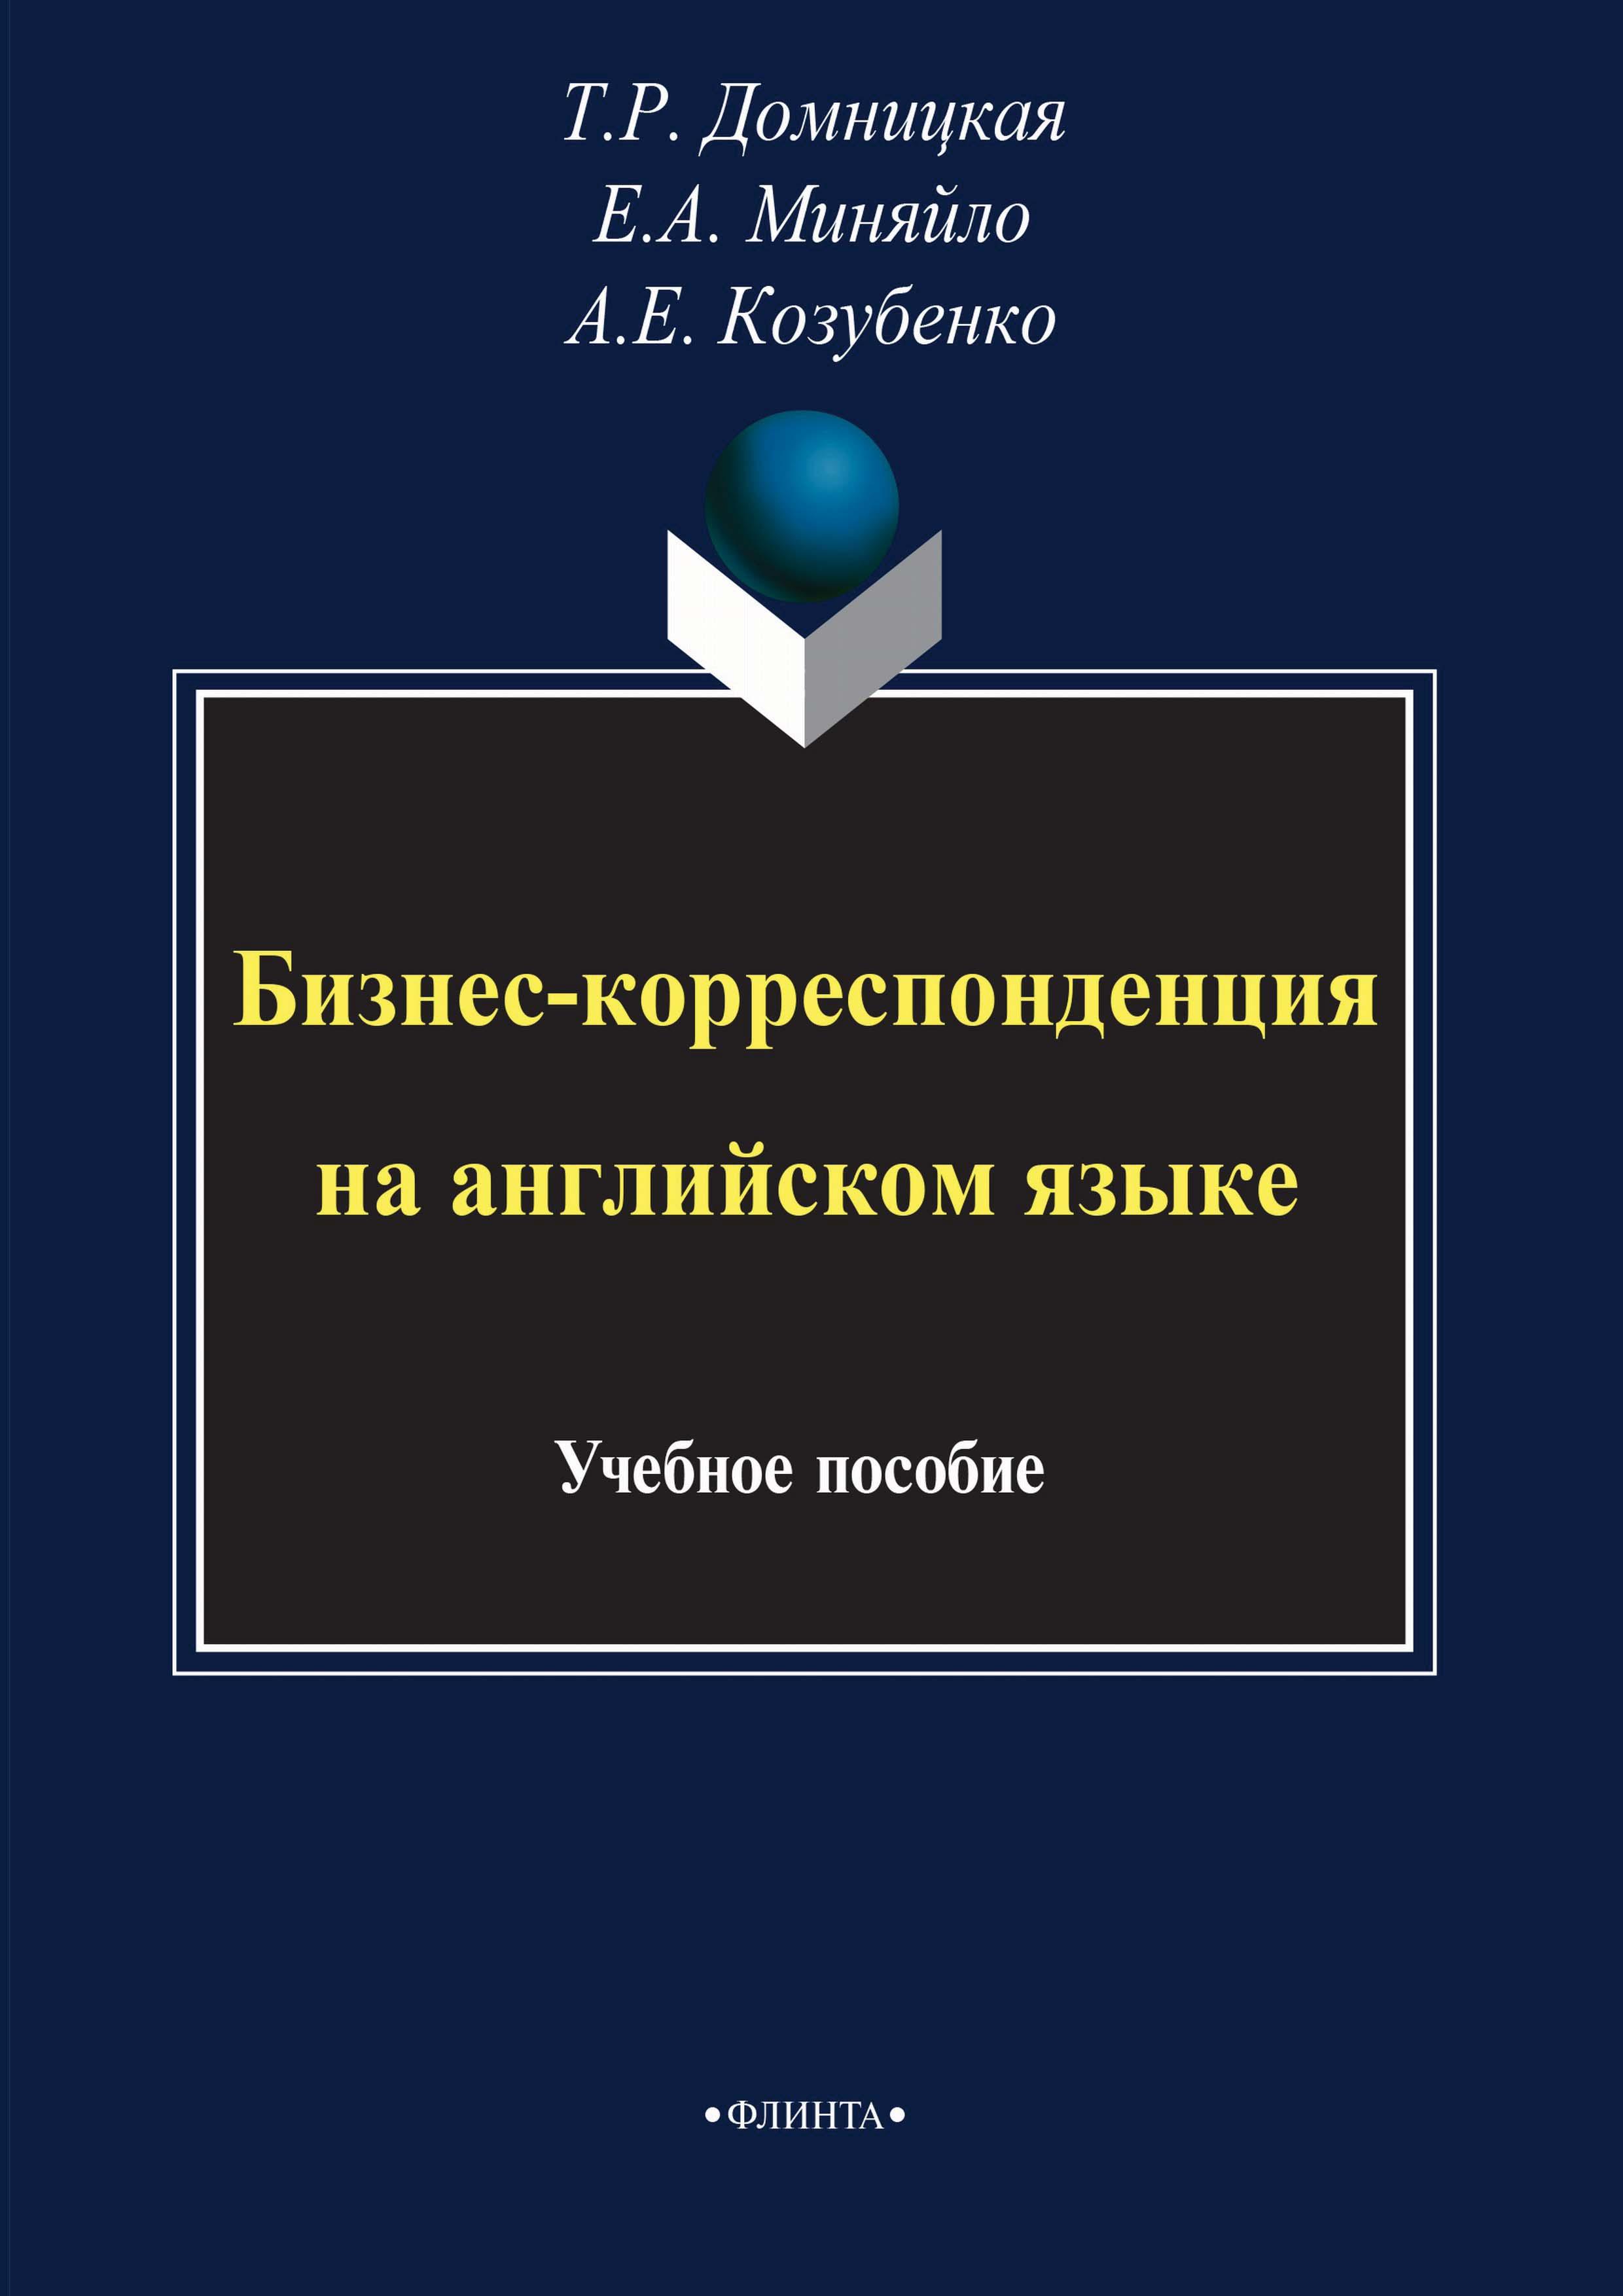 Бизнес-корреспонденция на английском языке ( Тамара Домницкая  )